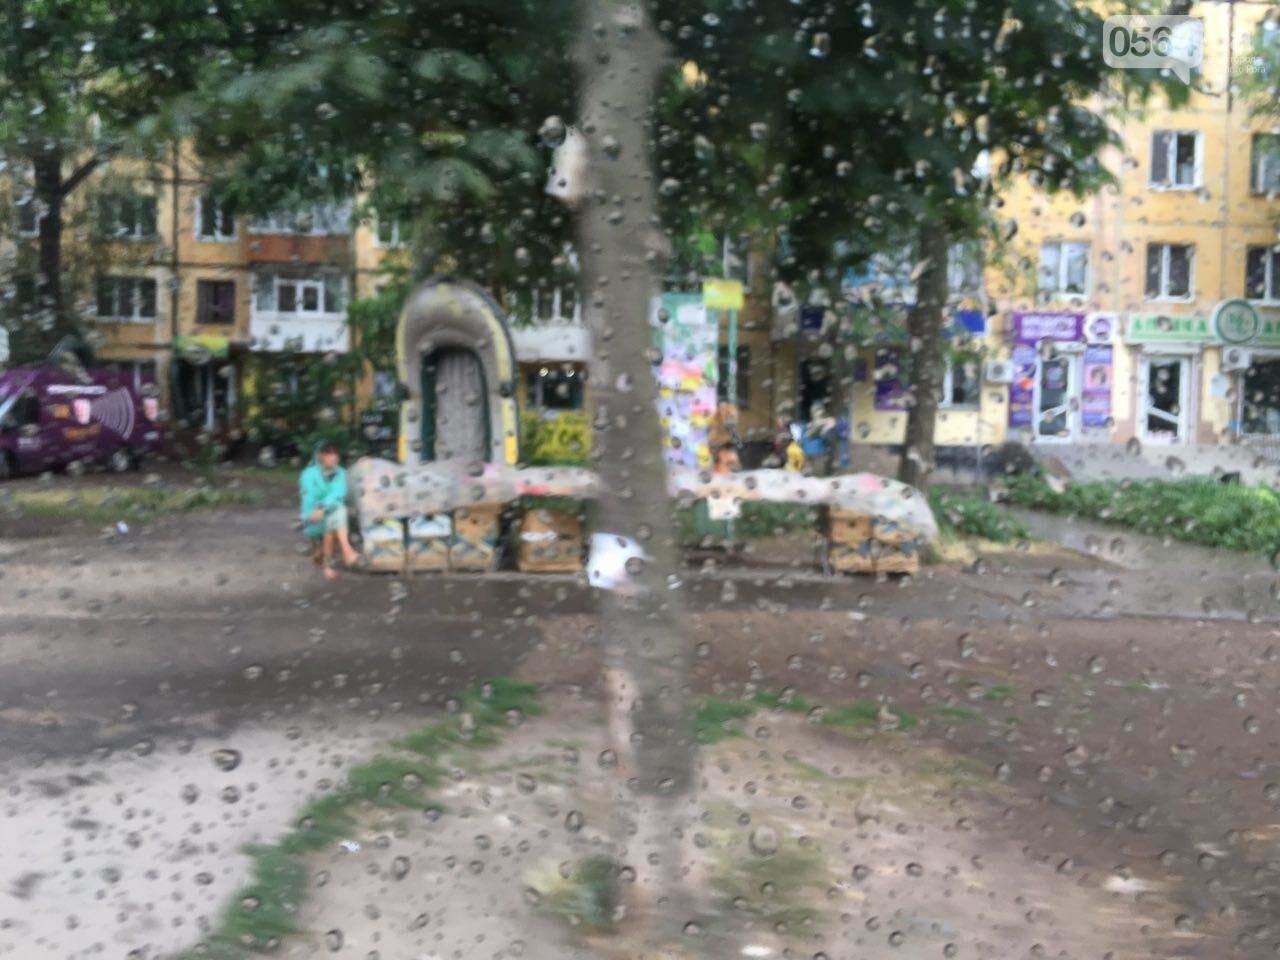 Маршрут дождя: В Кривом Роге в одних районах льет ливень, в других ярко светит солнце, - ФОТО, фото-6